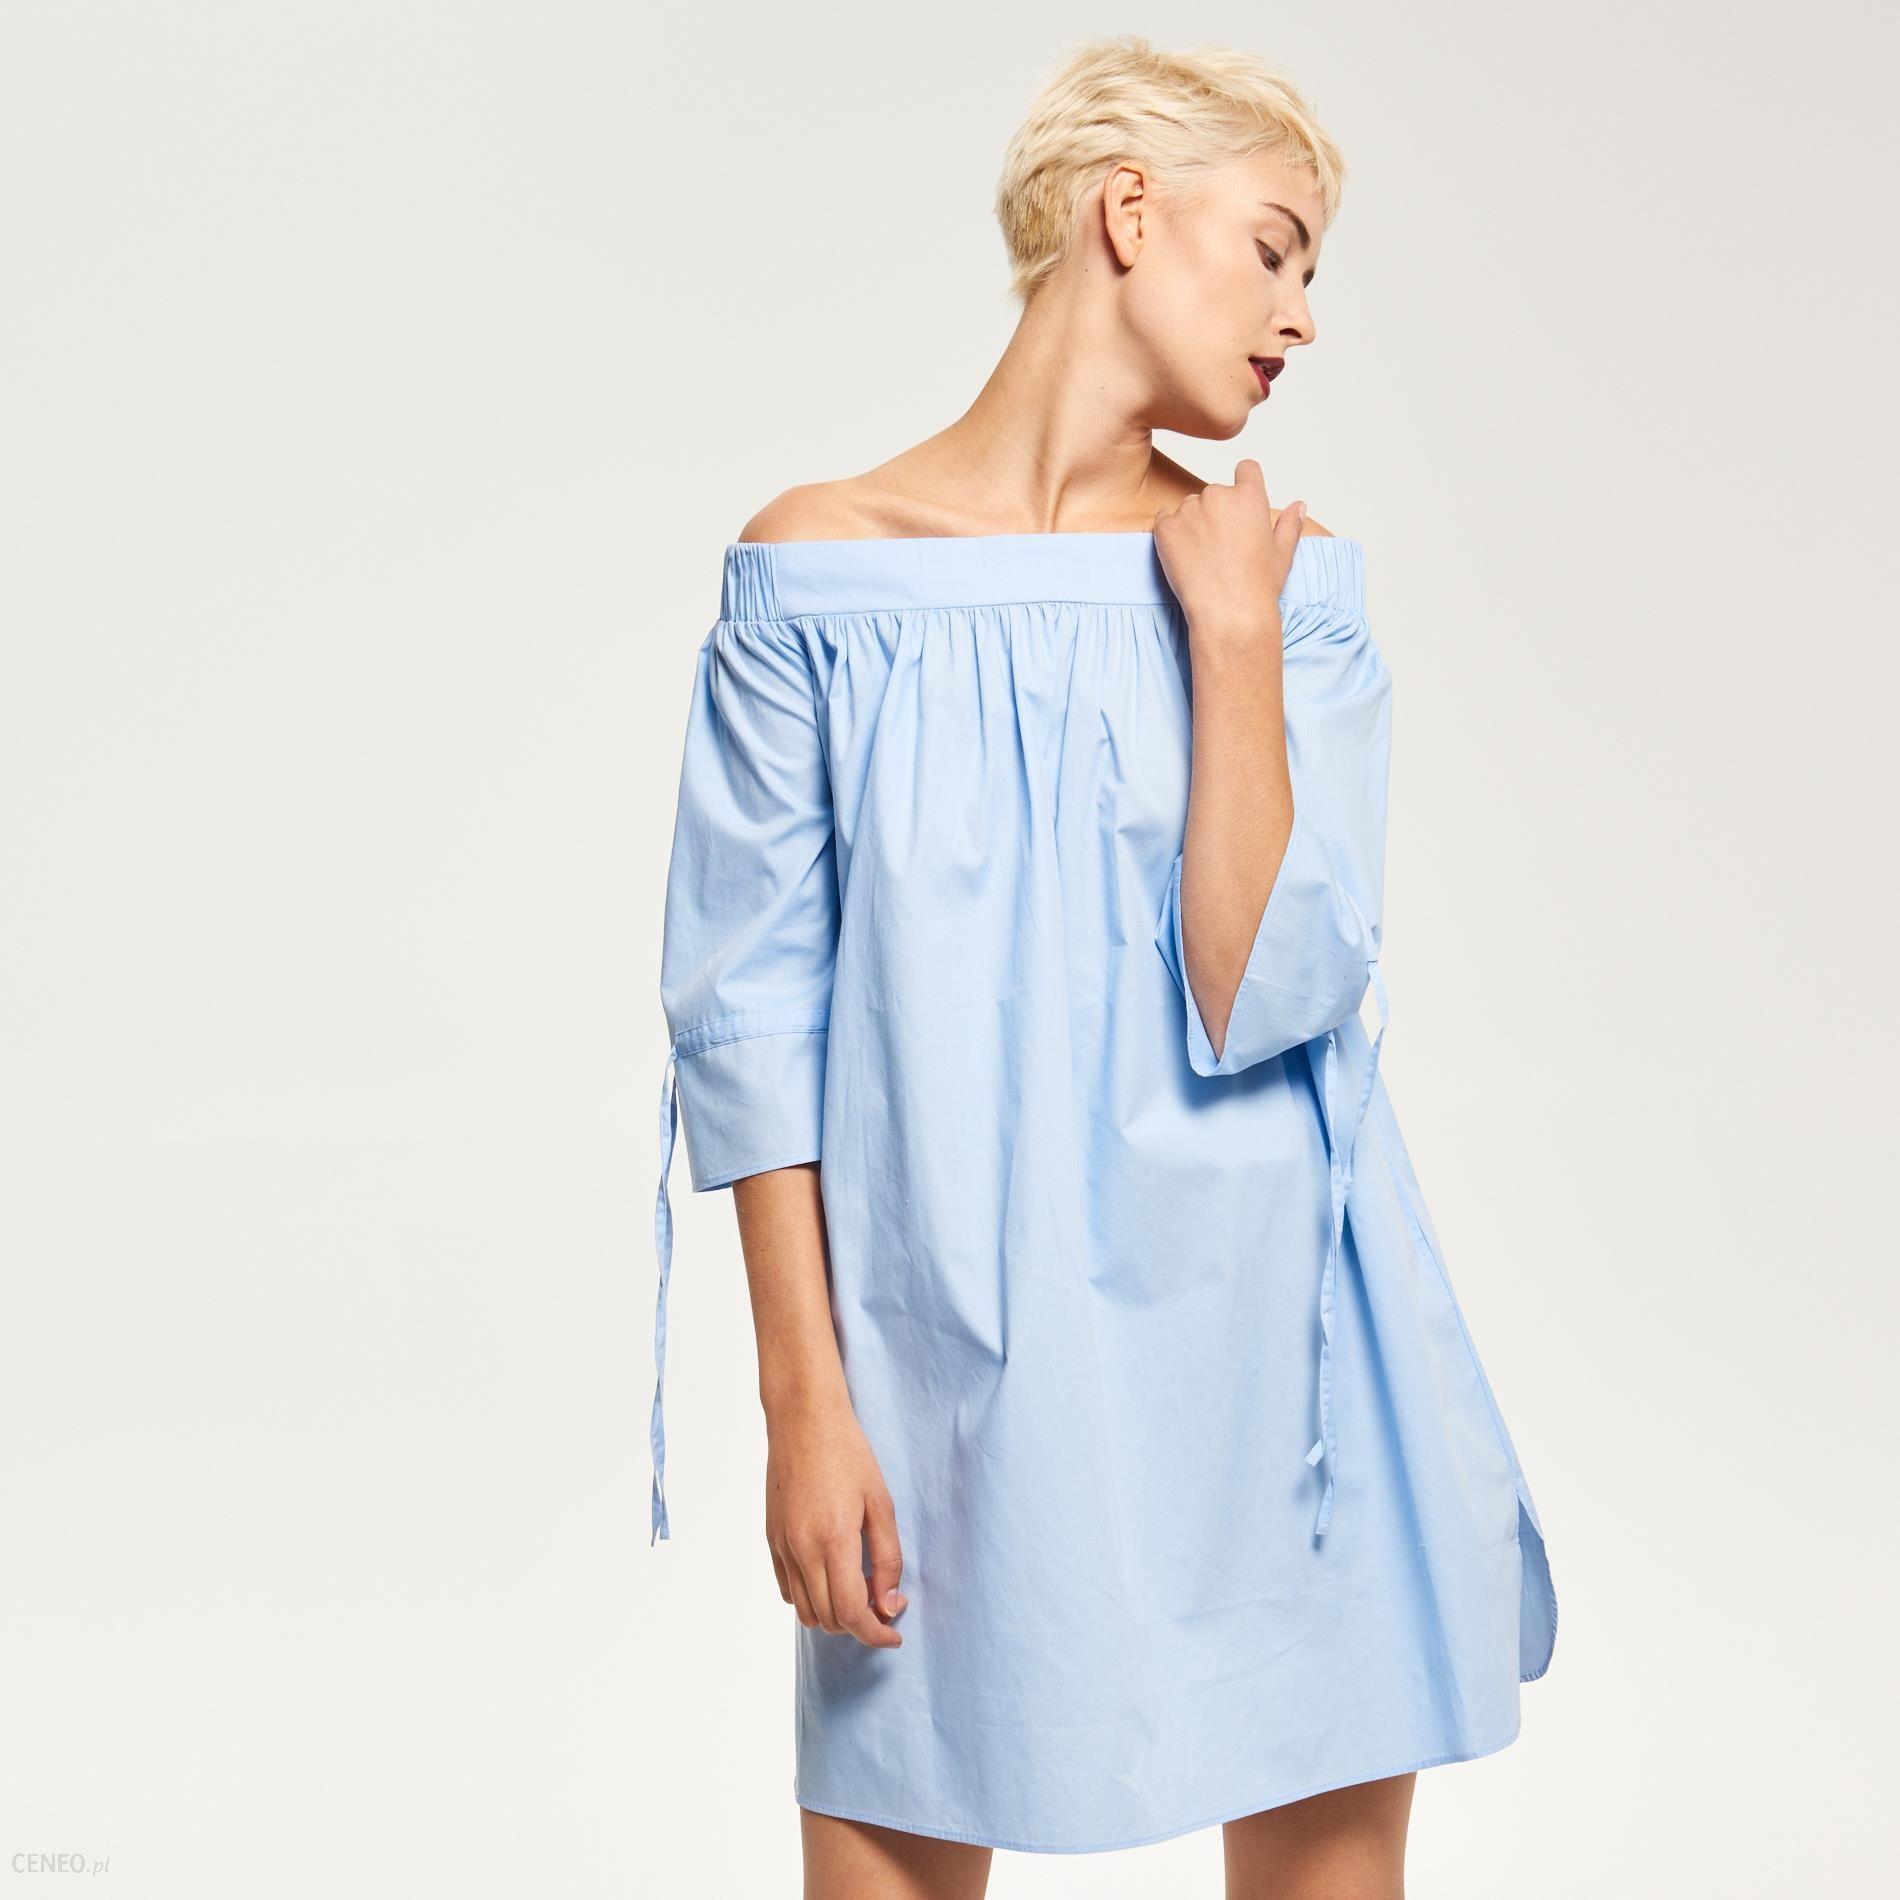 f3bf79a7a38c96 Reserved - Sukienka z wiązaniami przy rękawach - Niebieski - damski -  zdjęcie 1